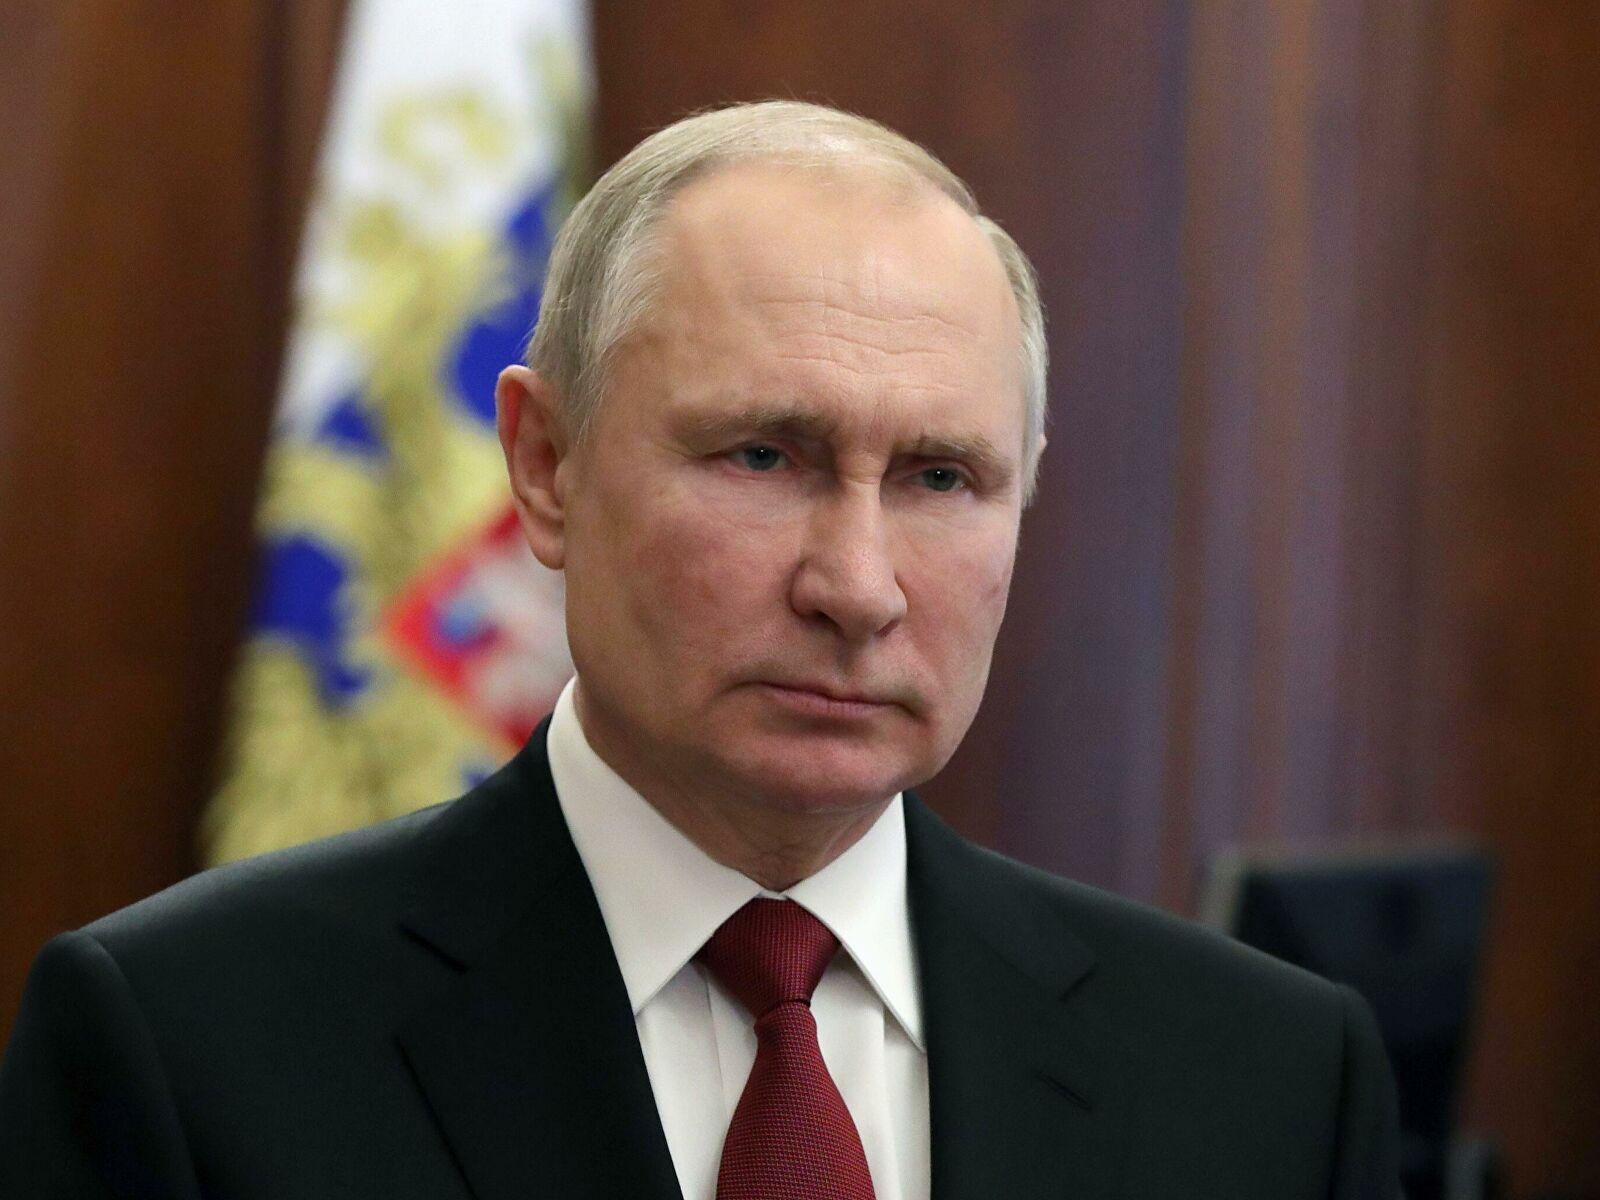 Путин: Заштита уставног поретка и грађанског мира у Русији најважнији задатак ФСБ-а